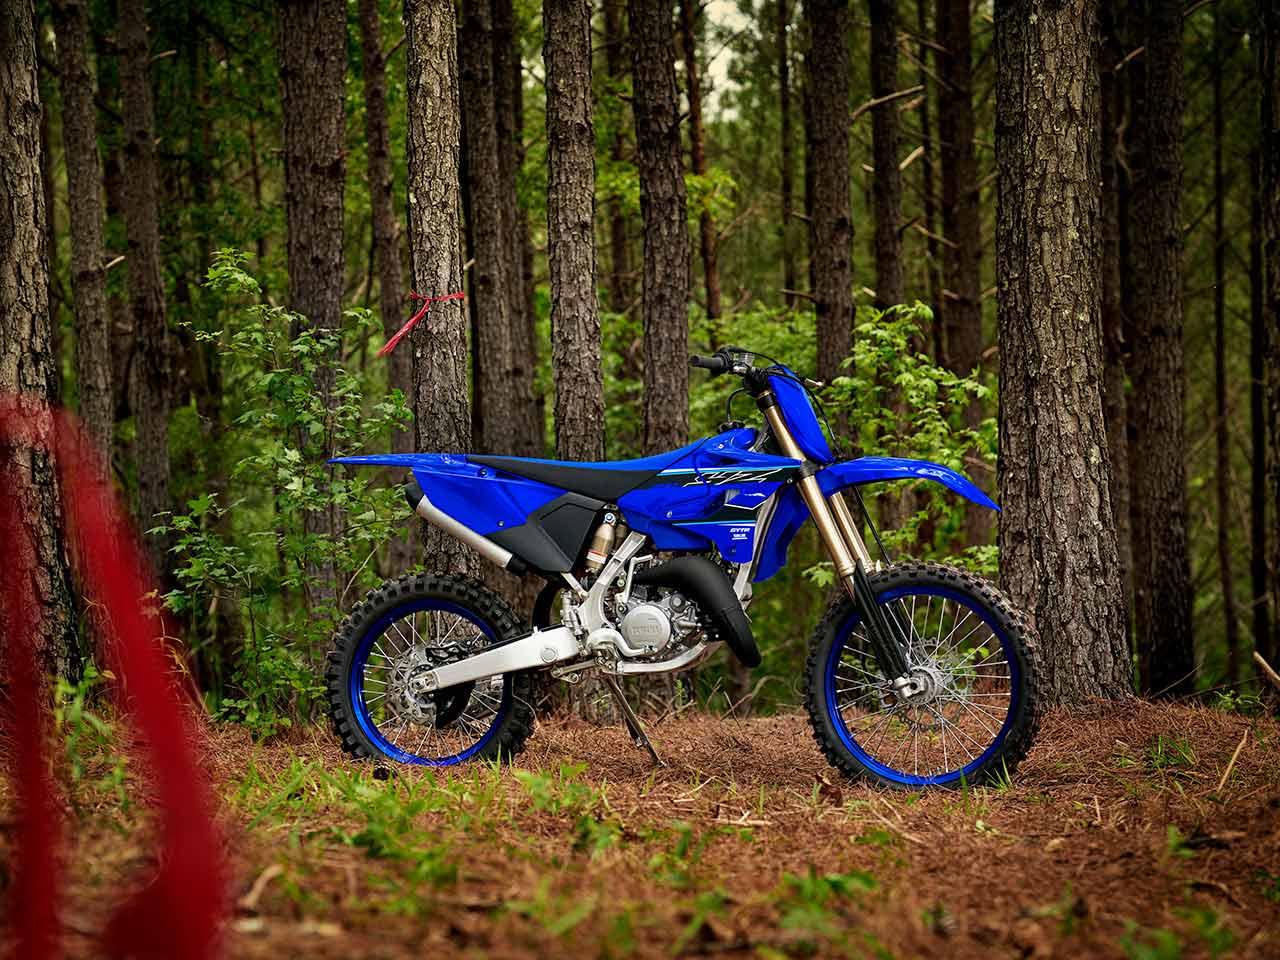 2021 Yamaha YZ125X Gallery 6